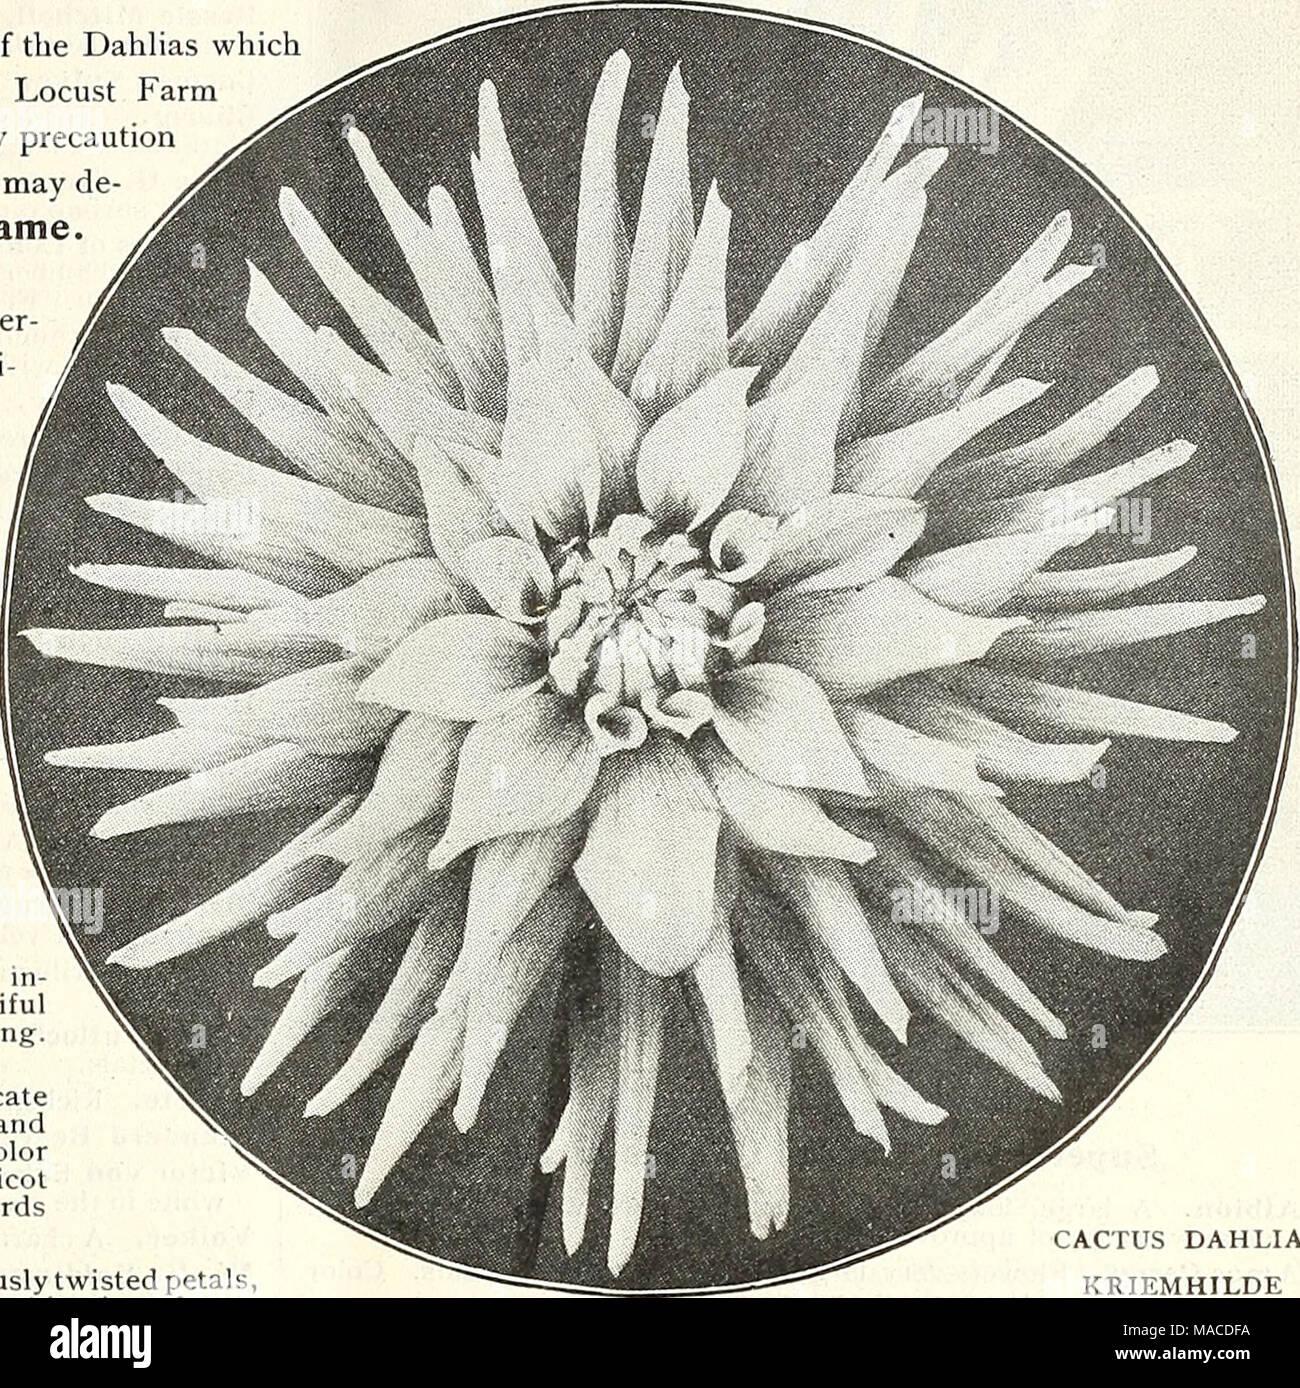 a0c89d755b55 Lista de precios al por mayor del Dreer   semillas para floristerías  Plantas semillas